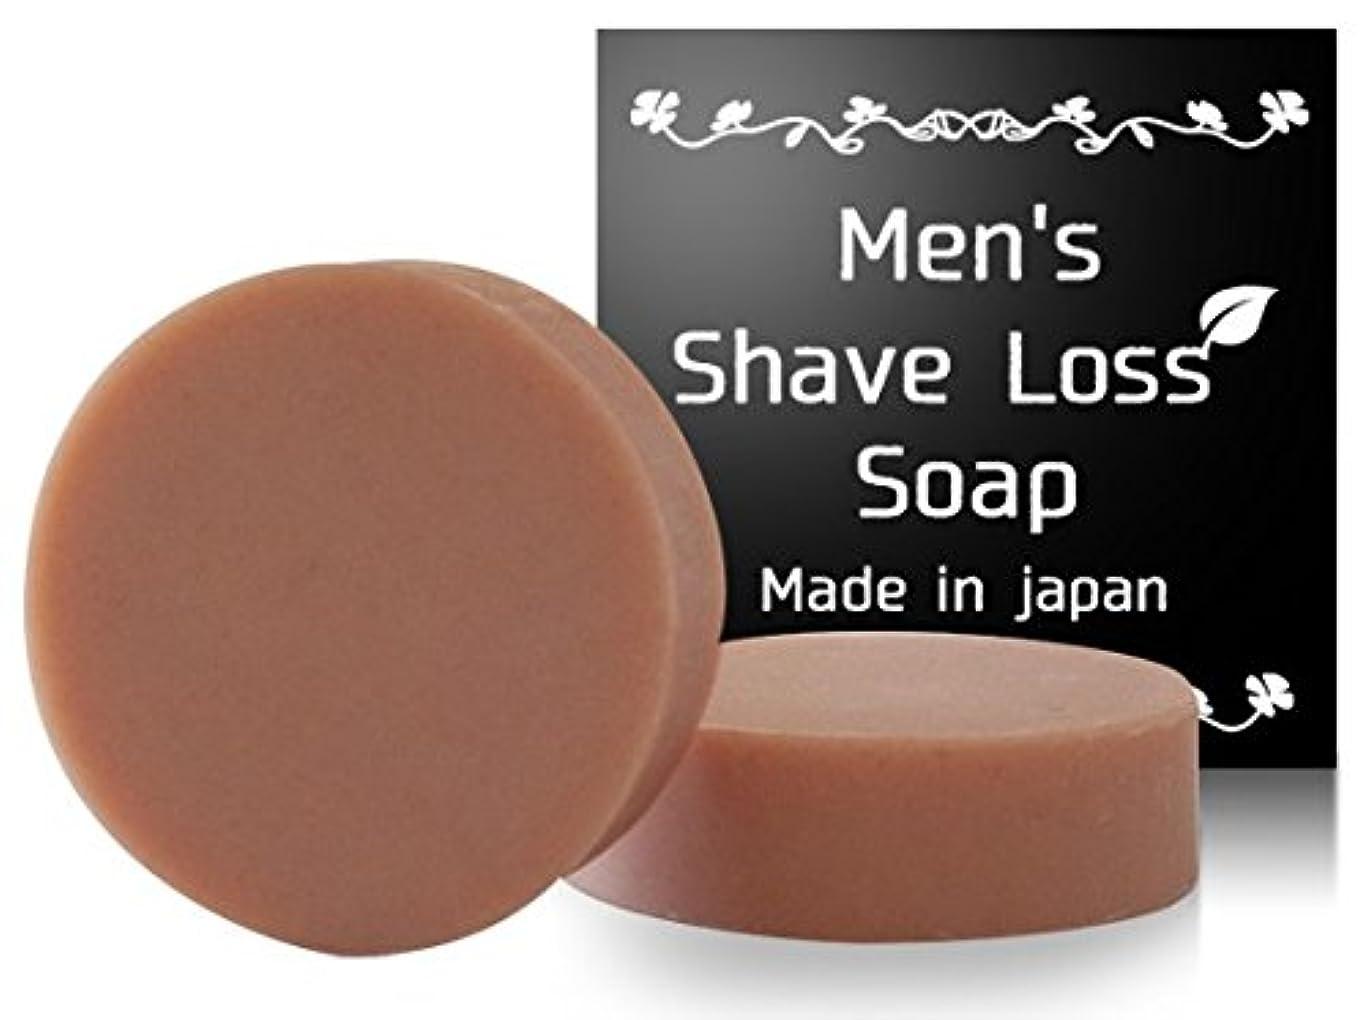 リネンストライク楽観Mens Shave Loss Soap シェーブロス 剛毛は嫌!ツルツル過ぎも嫌! そんな夢を叶えた奇跡の石鹸! 【男性専用】(1個)